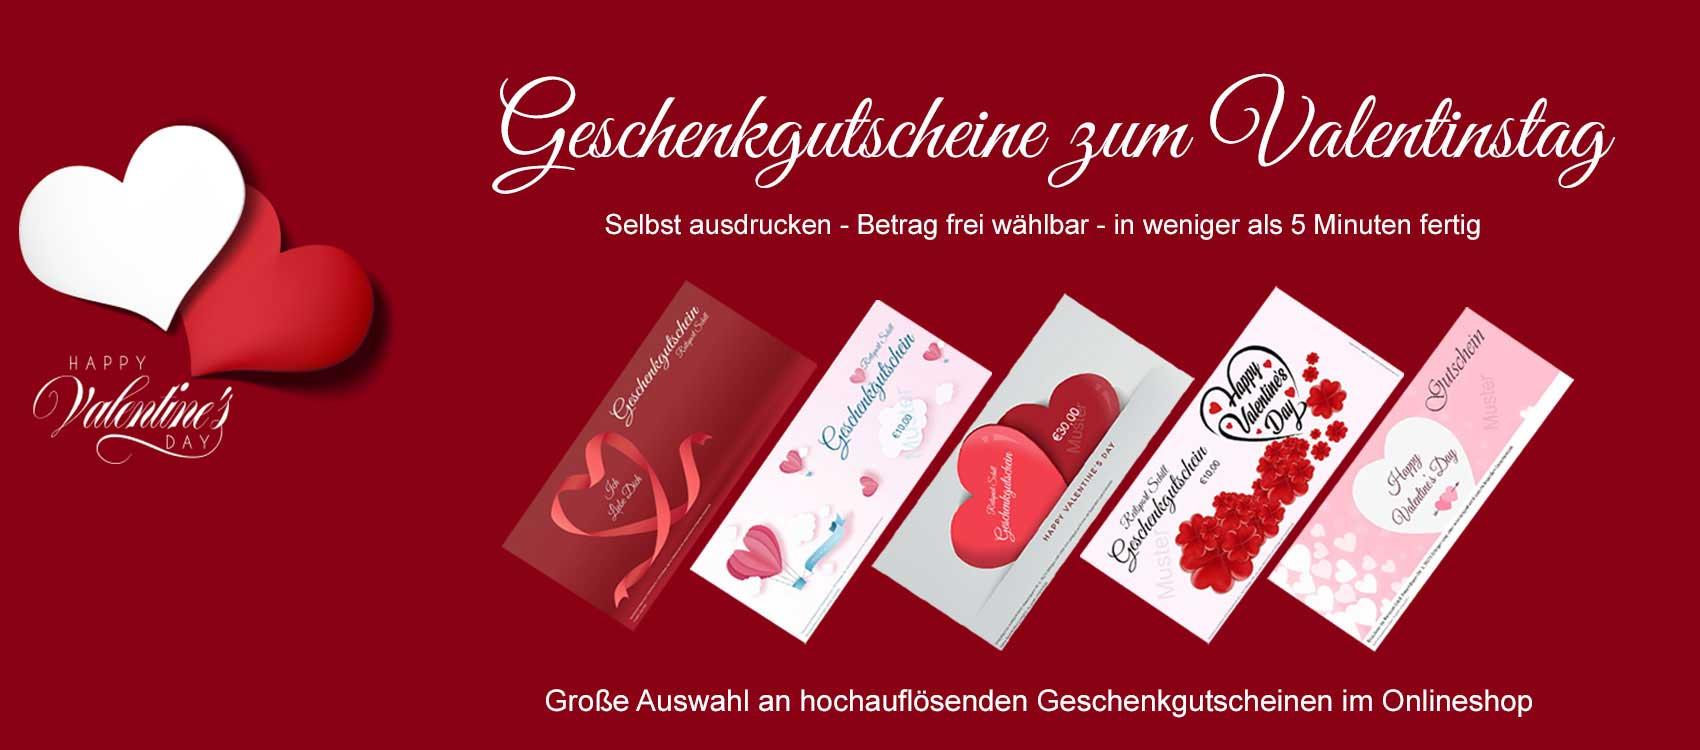 Gutschein Valentinstag Reitsport, Gutschein Valentinstag Reiten